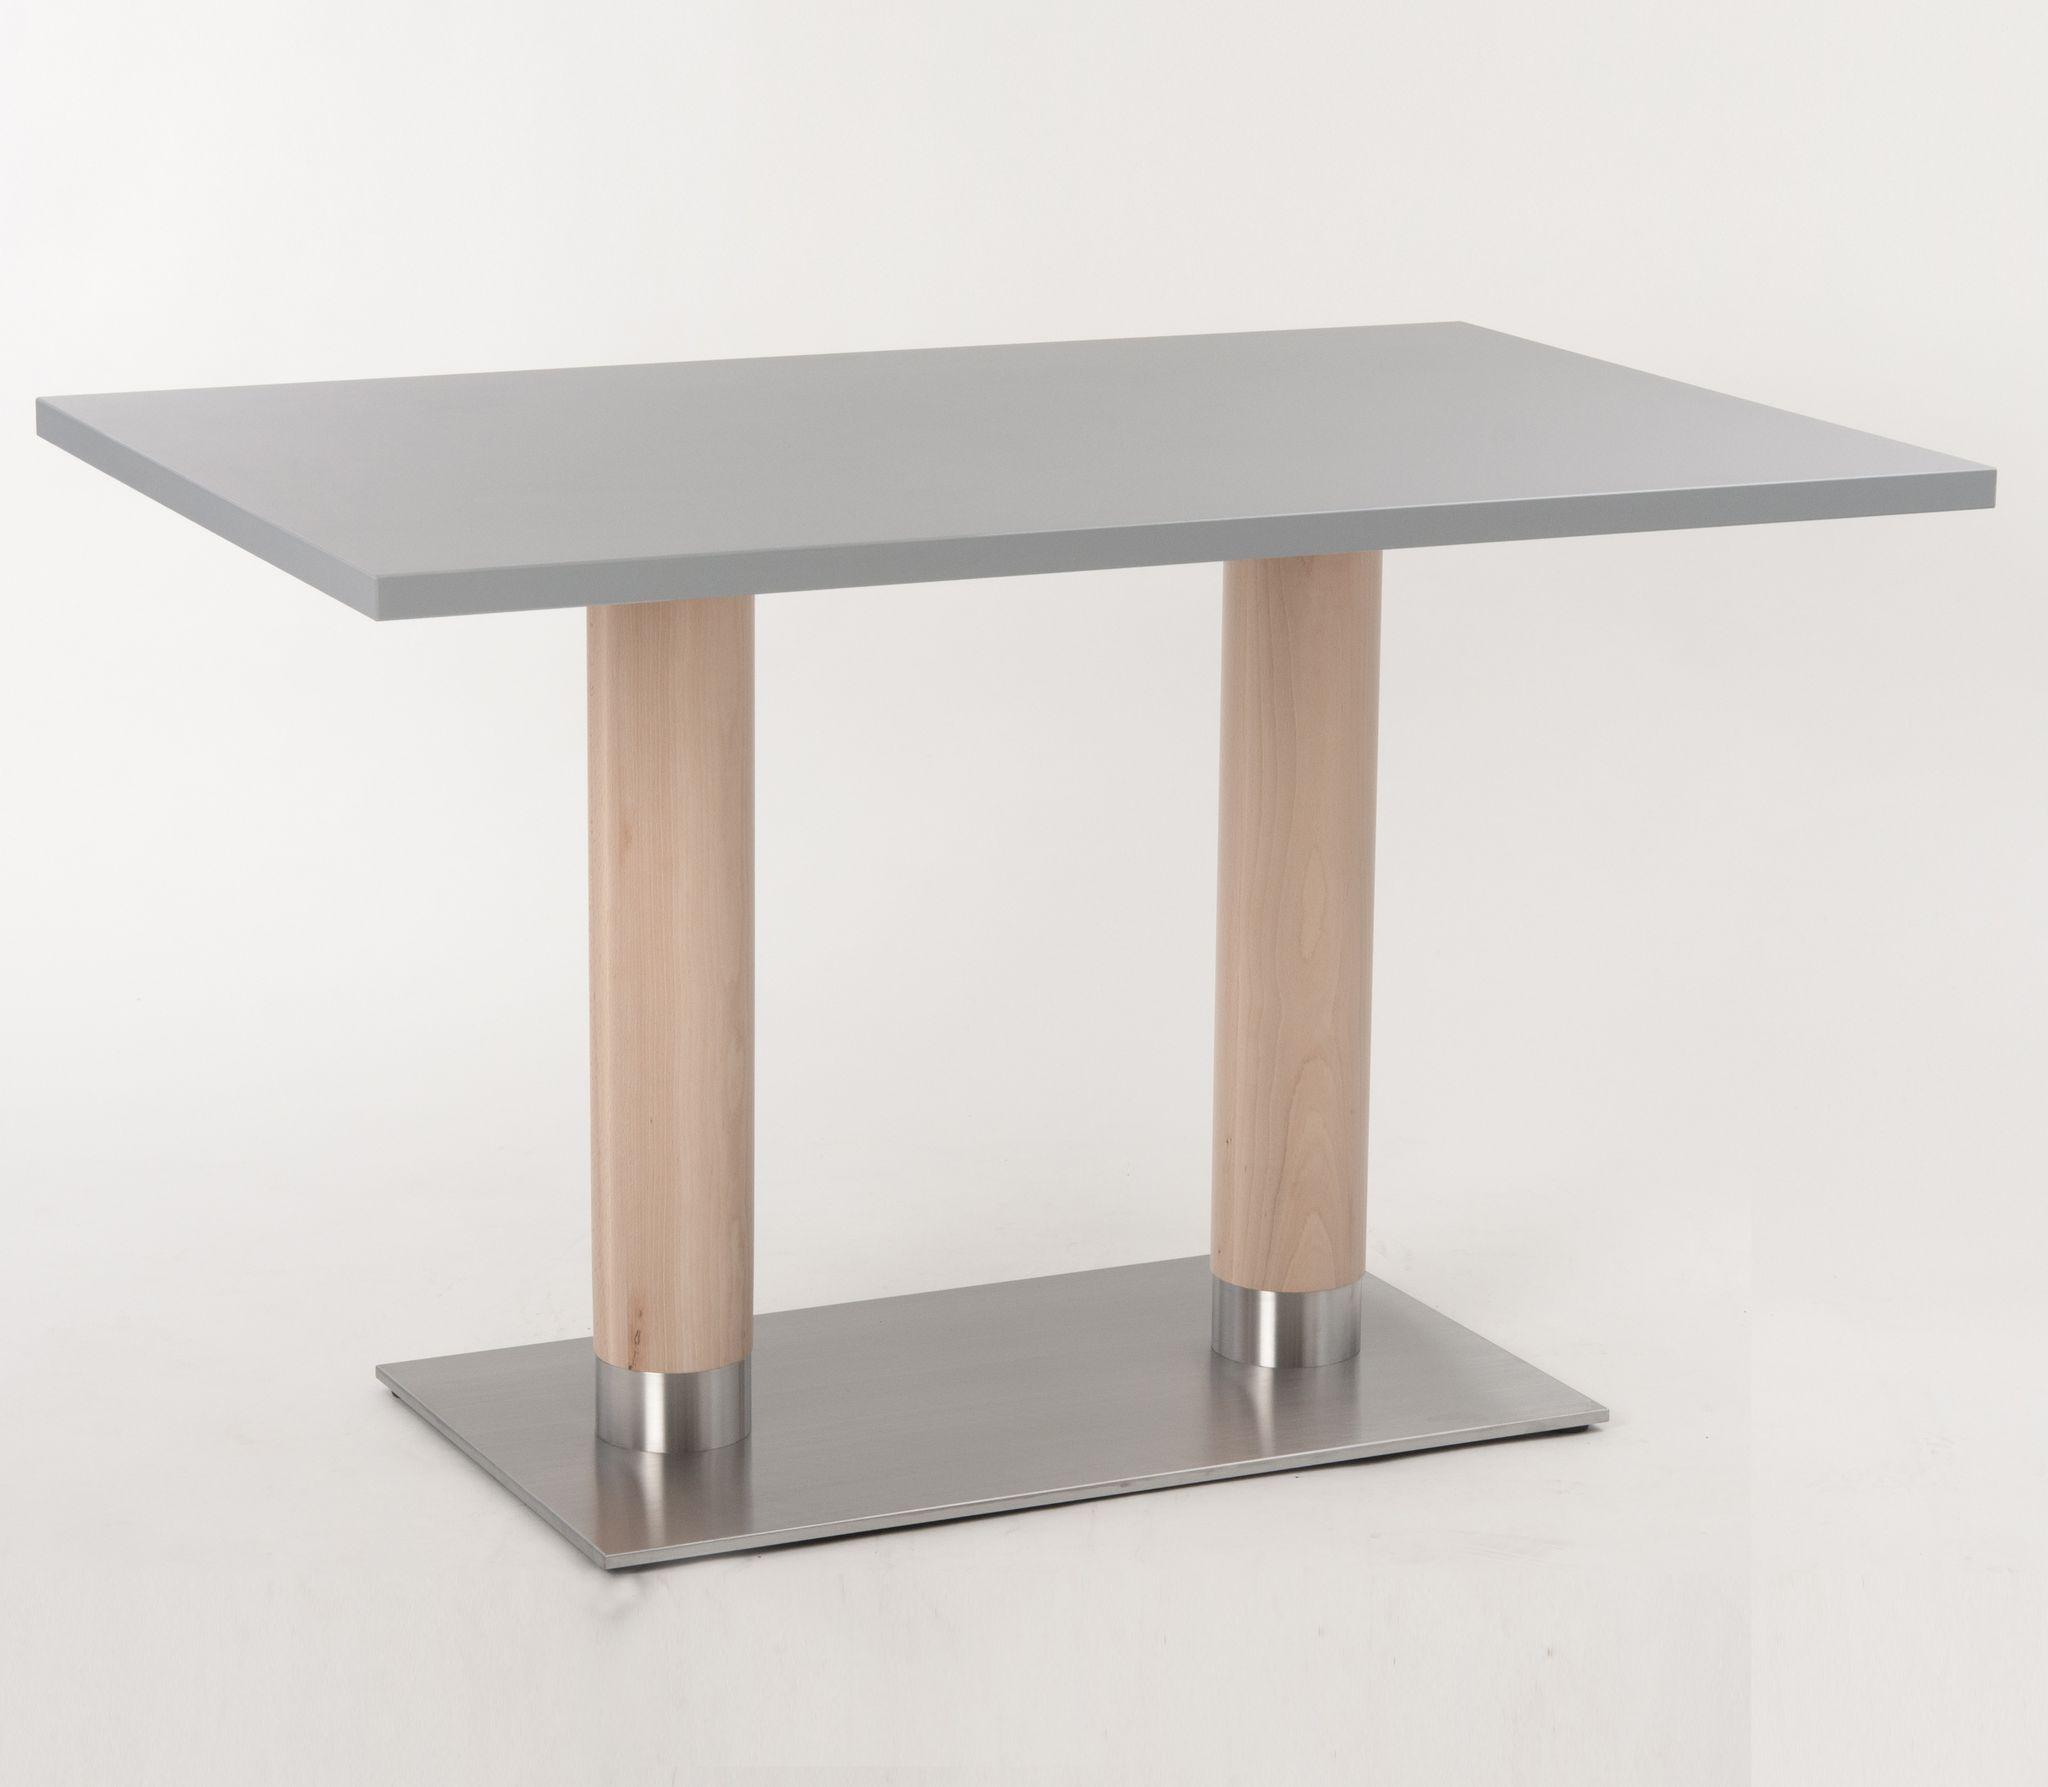 holzs ulen kantinentische tischs ule rund oder rechteckig. Black Bedroom Furniture Sets. Home Design Ideas